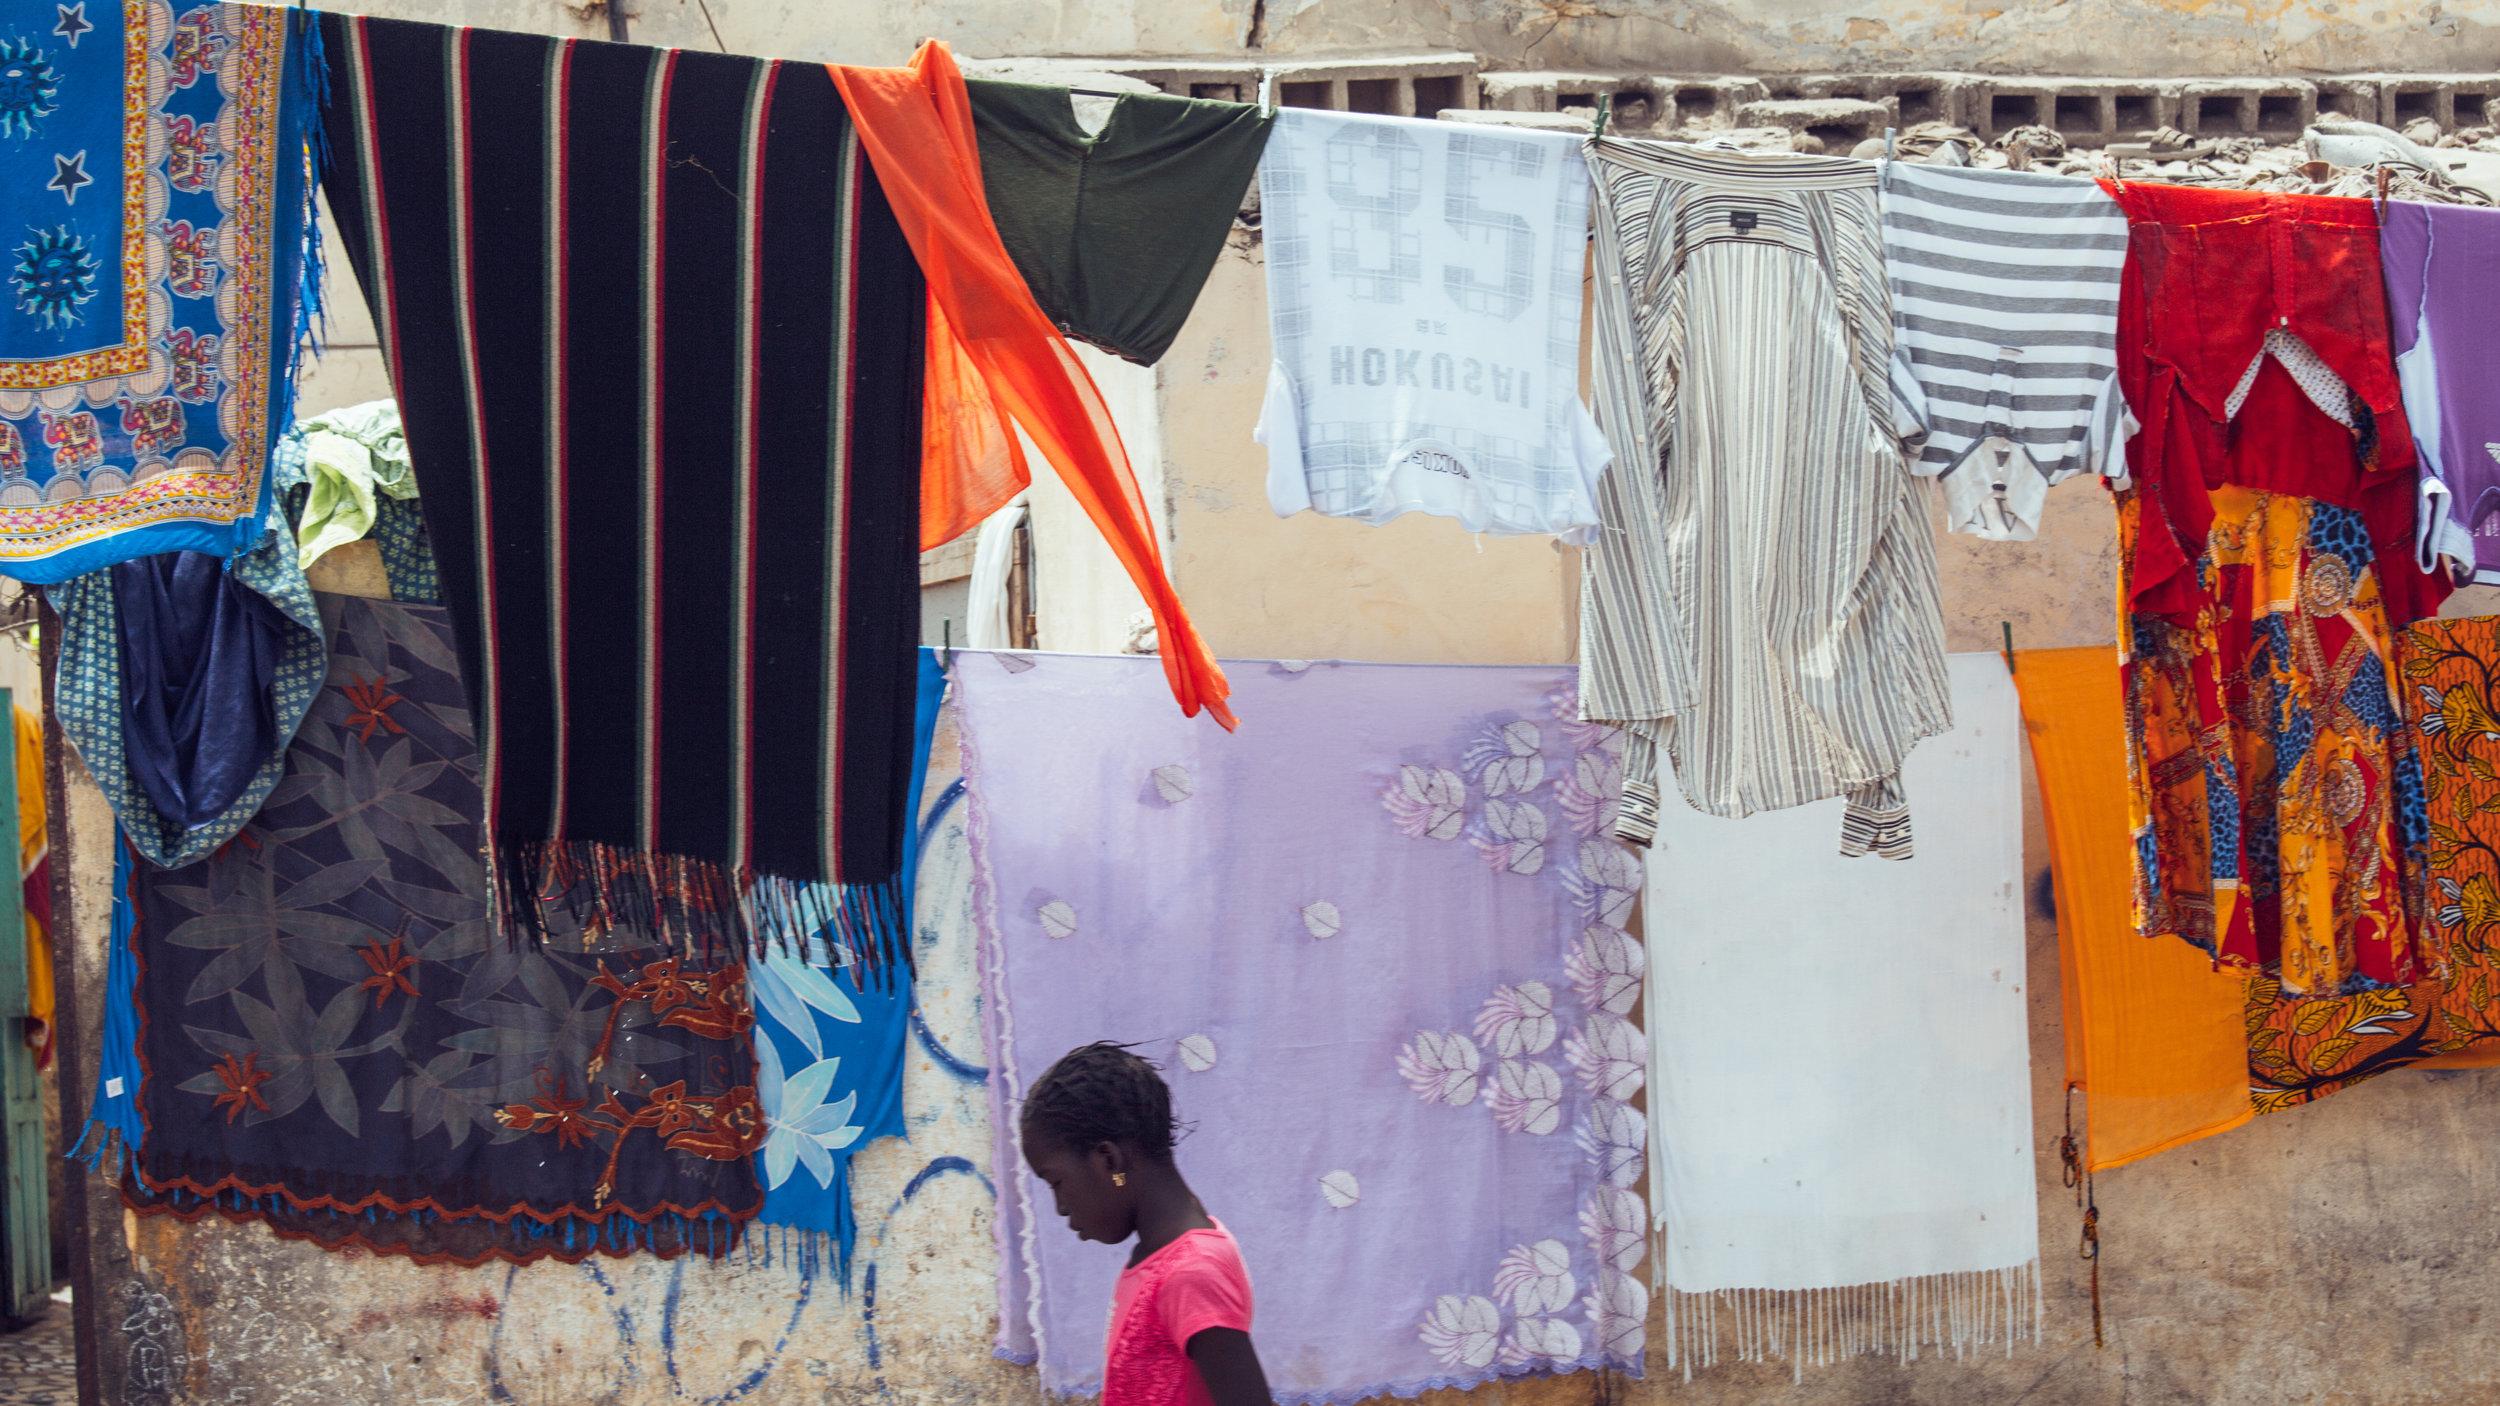 Senegal-16-9-25.jpg